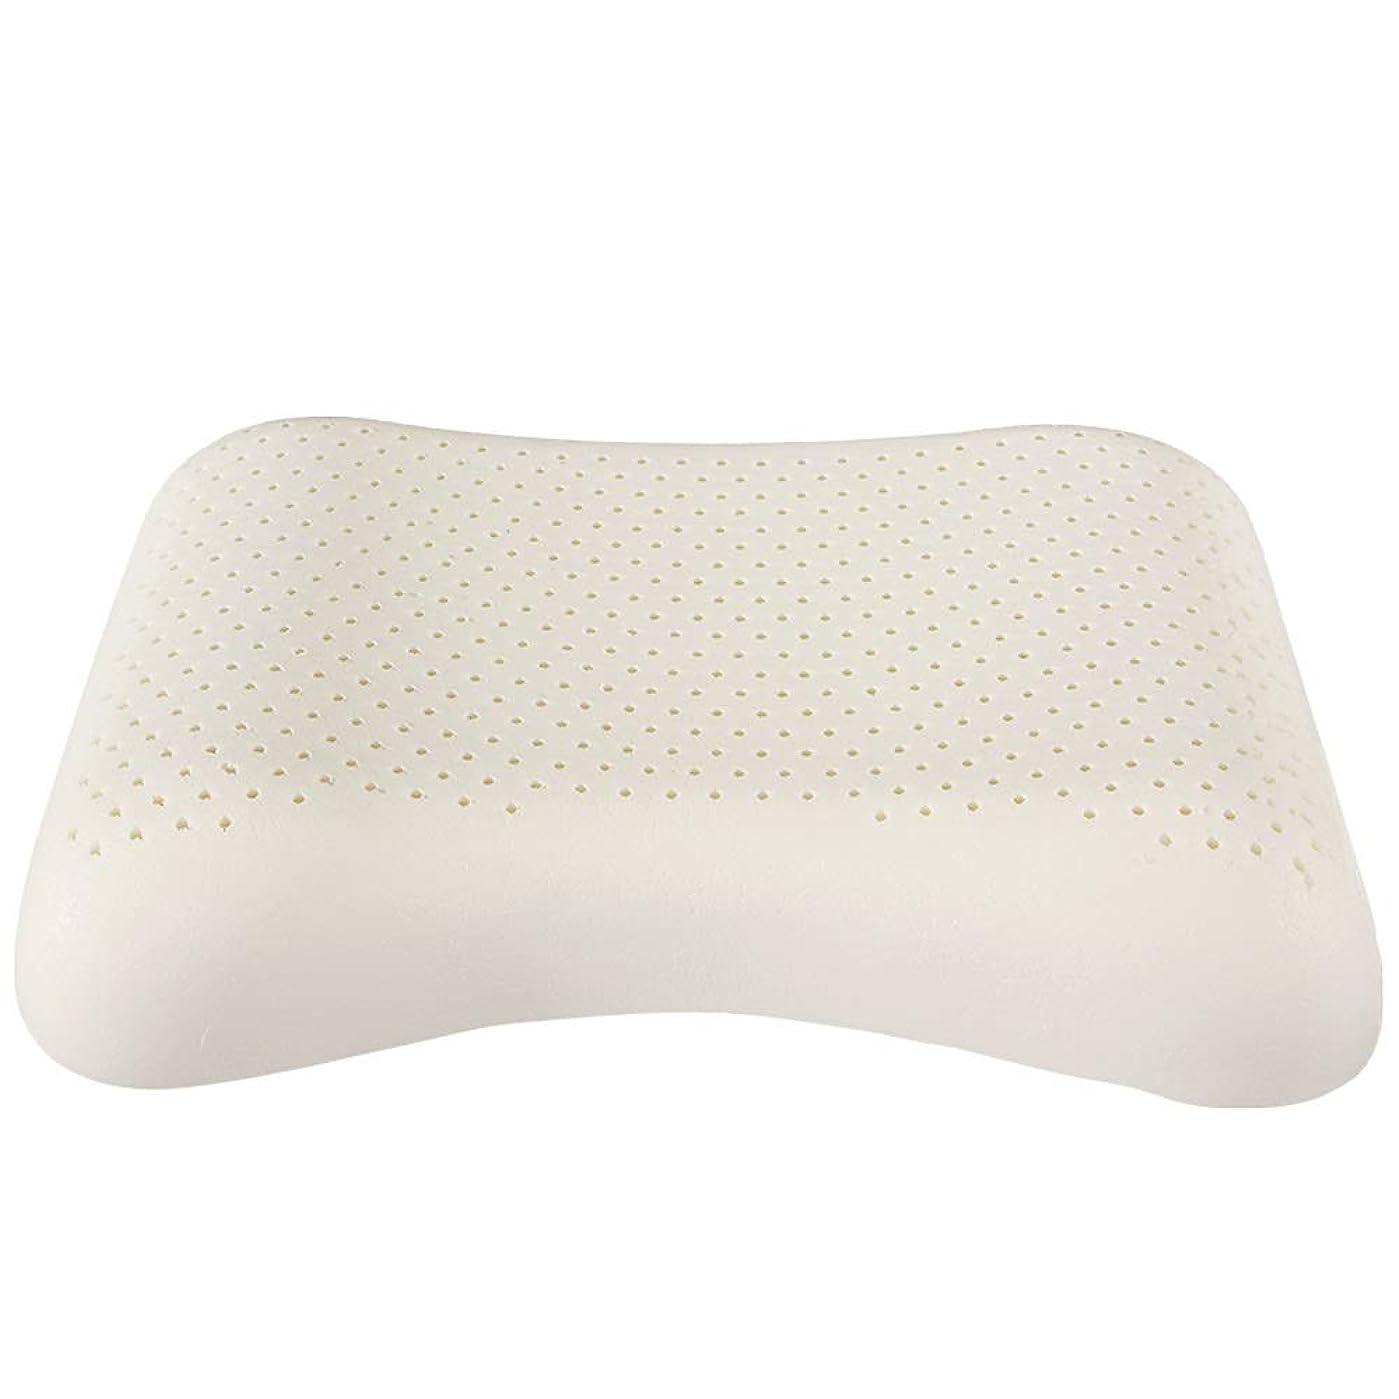 満州ハンバーガー糞HNラテックス枕 ラテックス枕 - 美容ラテックス枕枕ケア枕ネック枕美容マッサージ枕